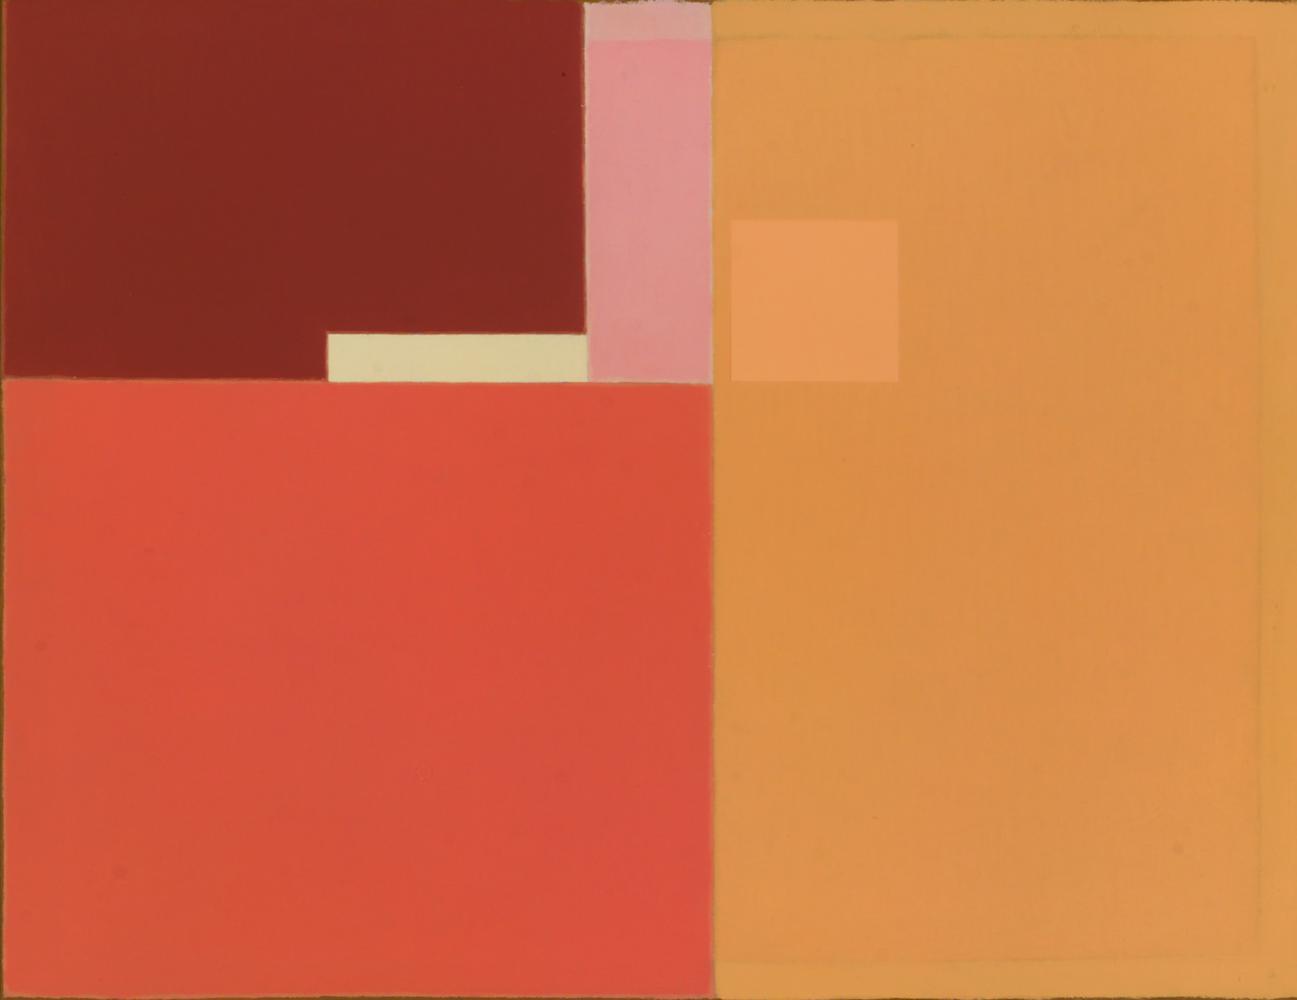 Sin título, 28 x 39 cm, óleo madera, 2007.